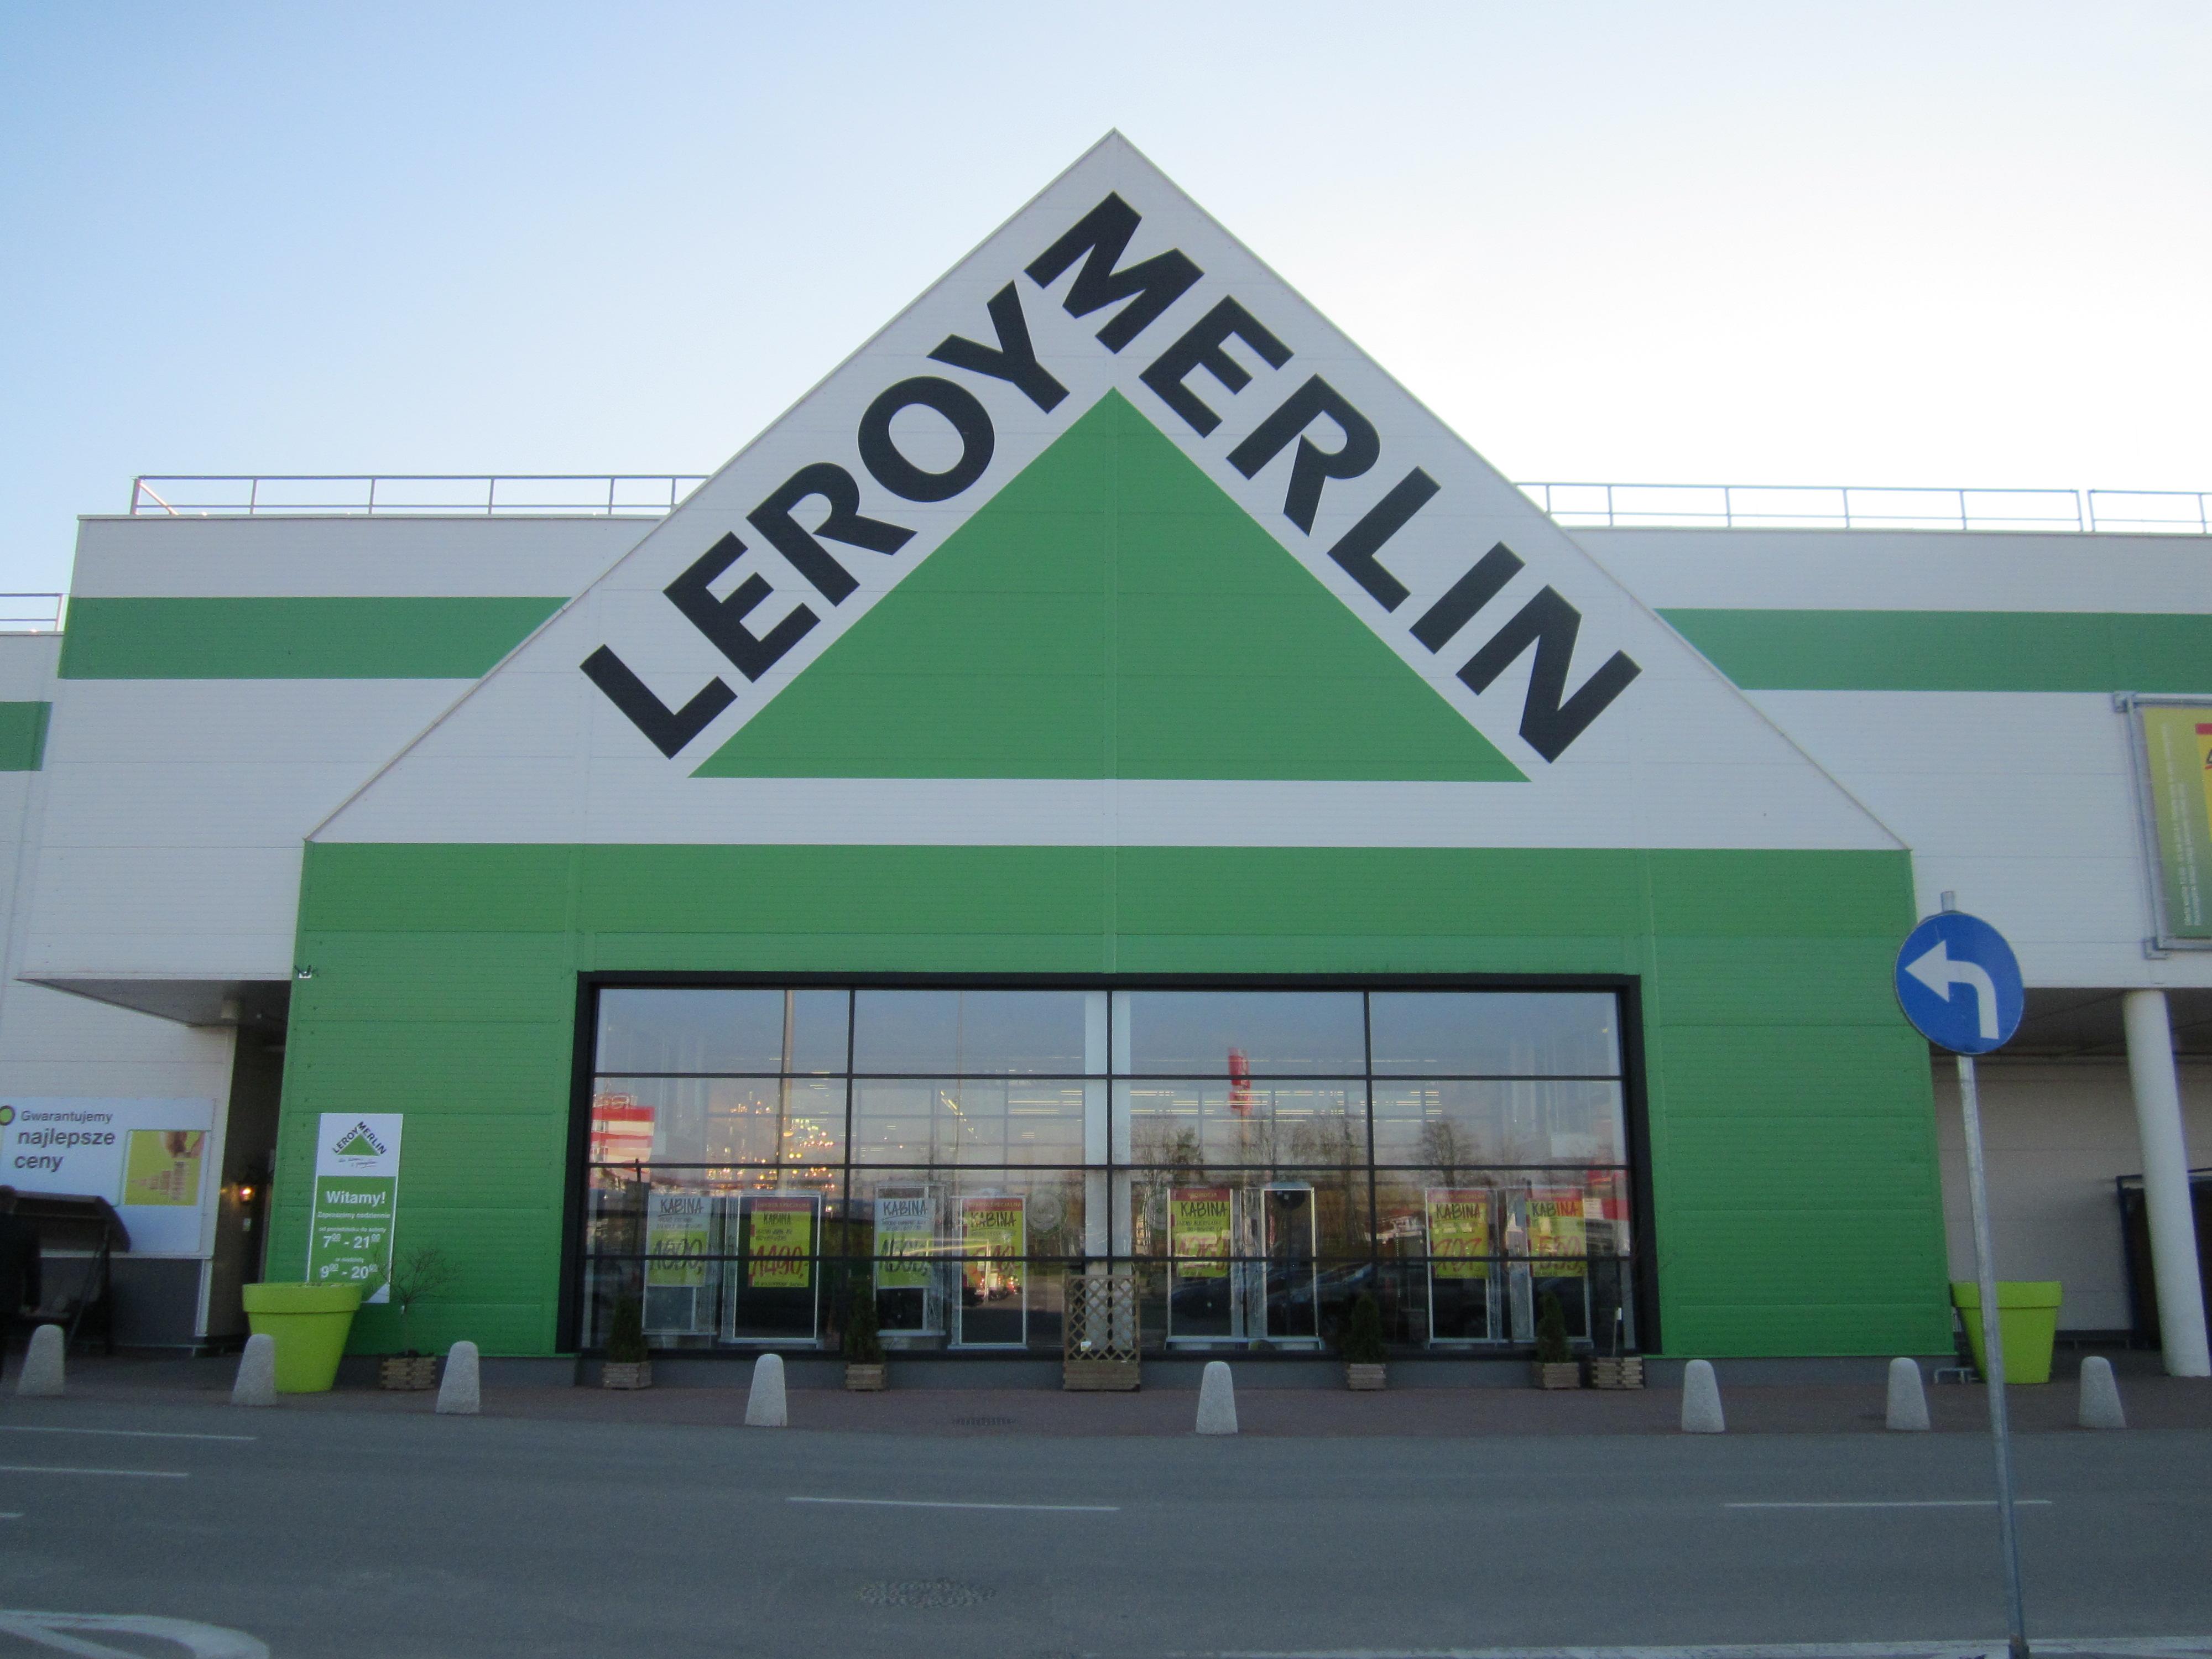 Leroy merlin pner i desember spaniaposten - Leroy merlin palma mallorca ...